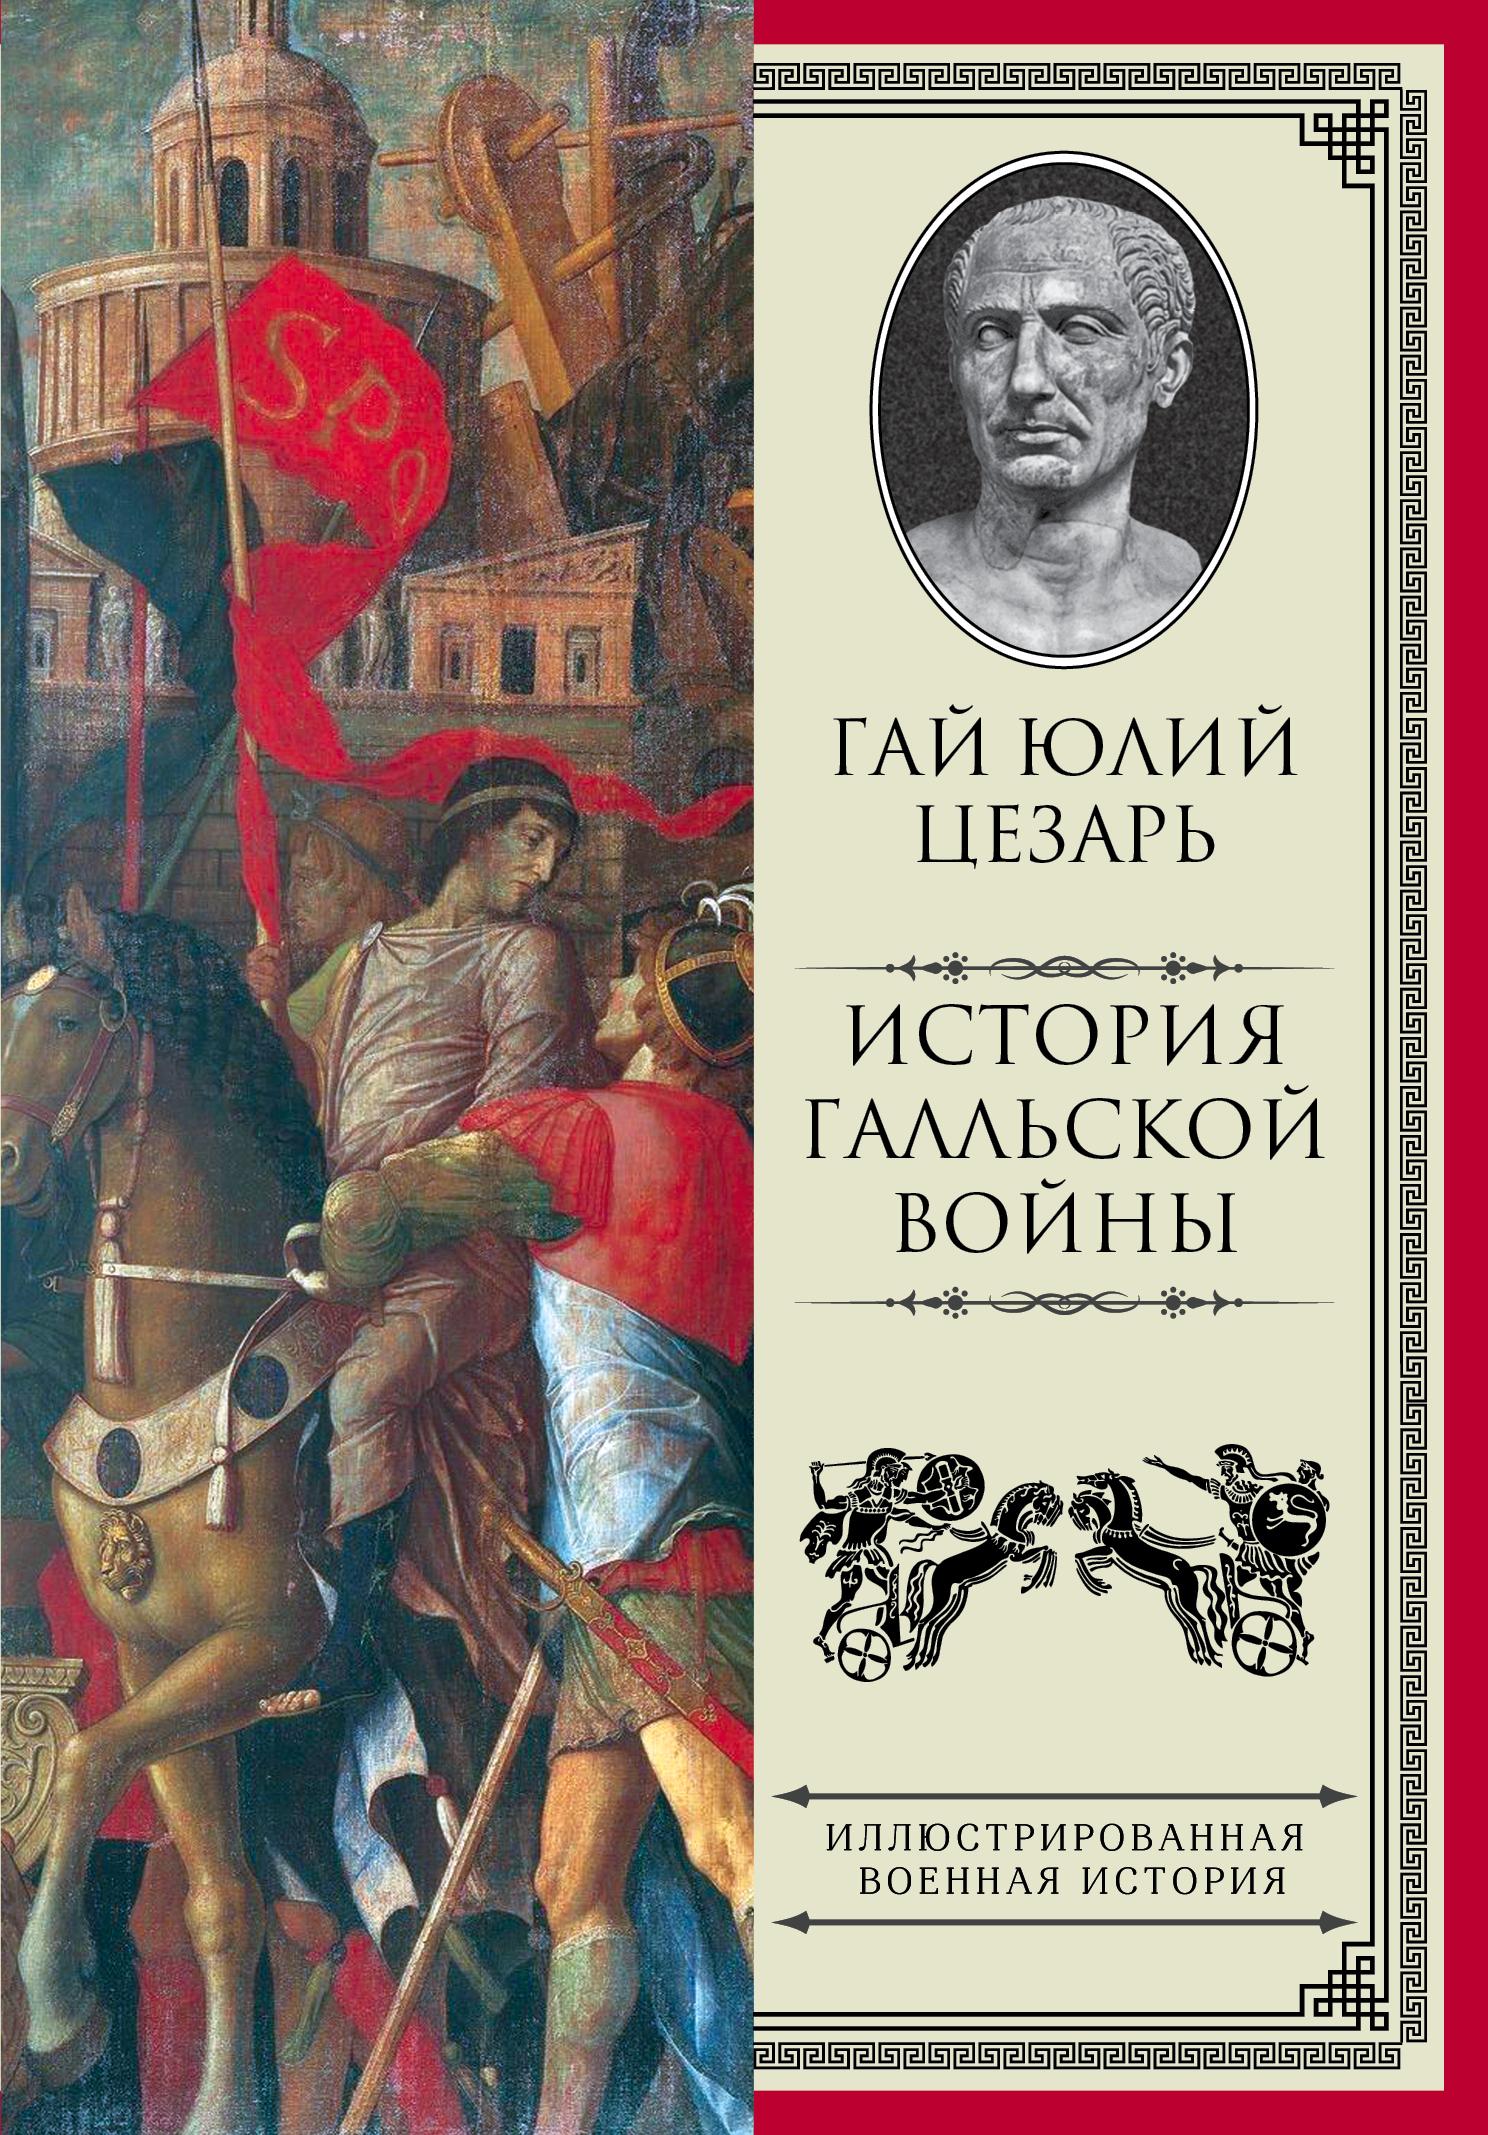 Цезарь Гай Юлий История Галльской войны